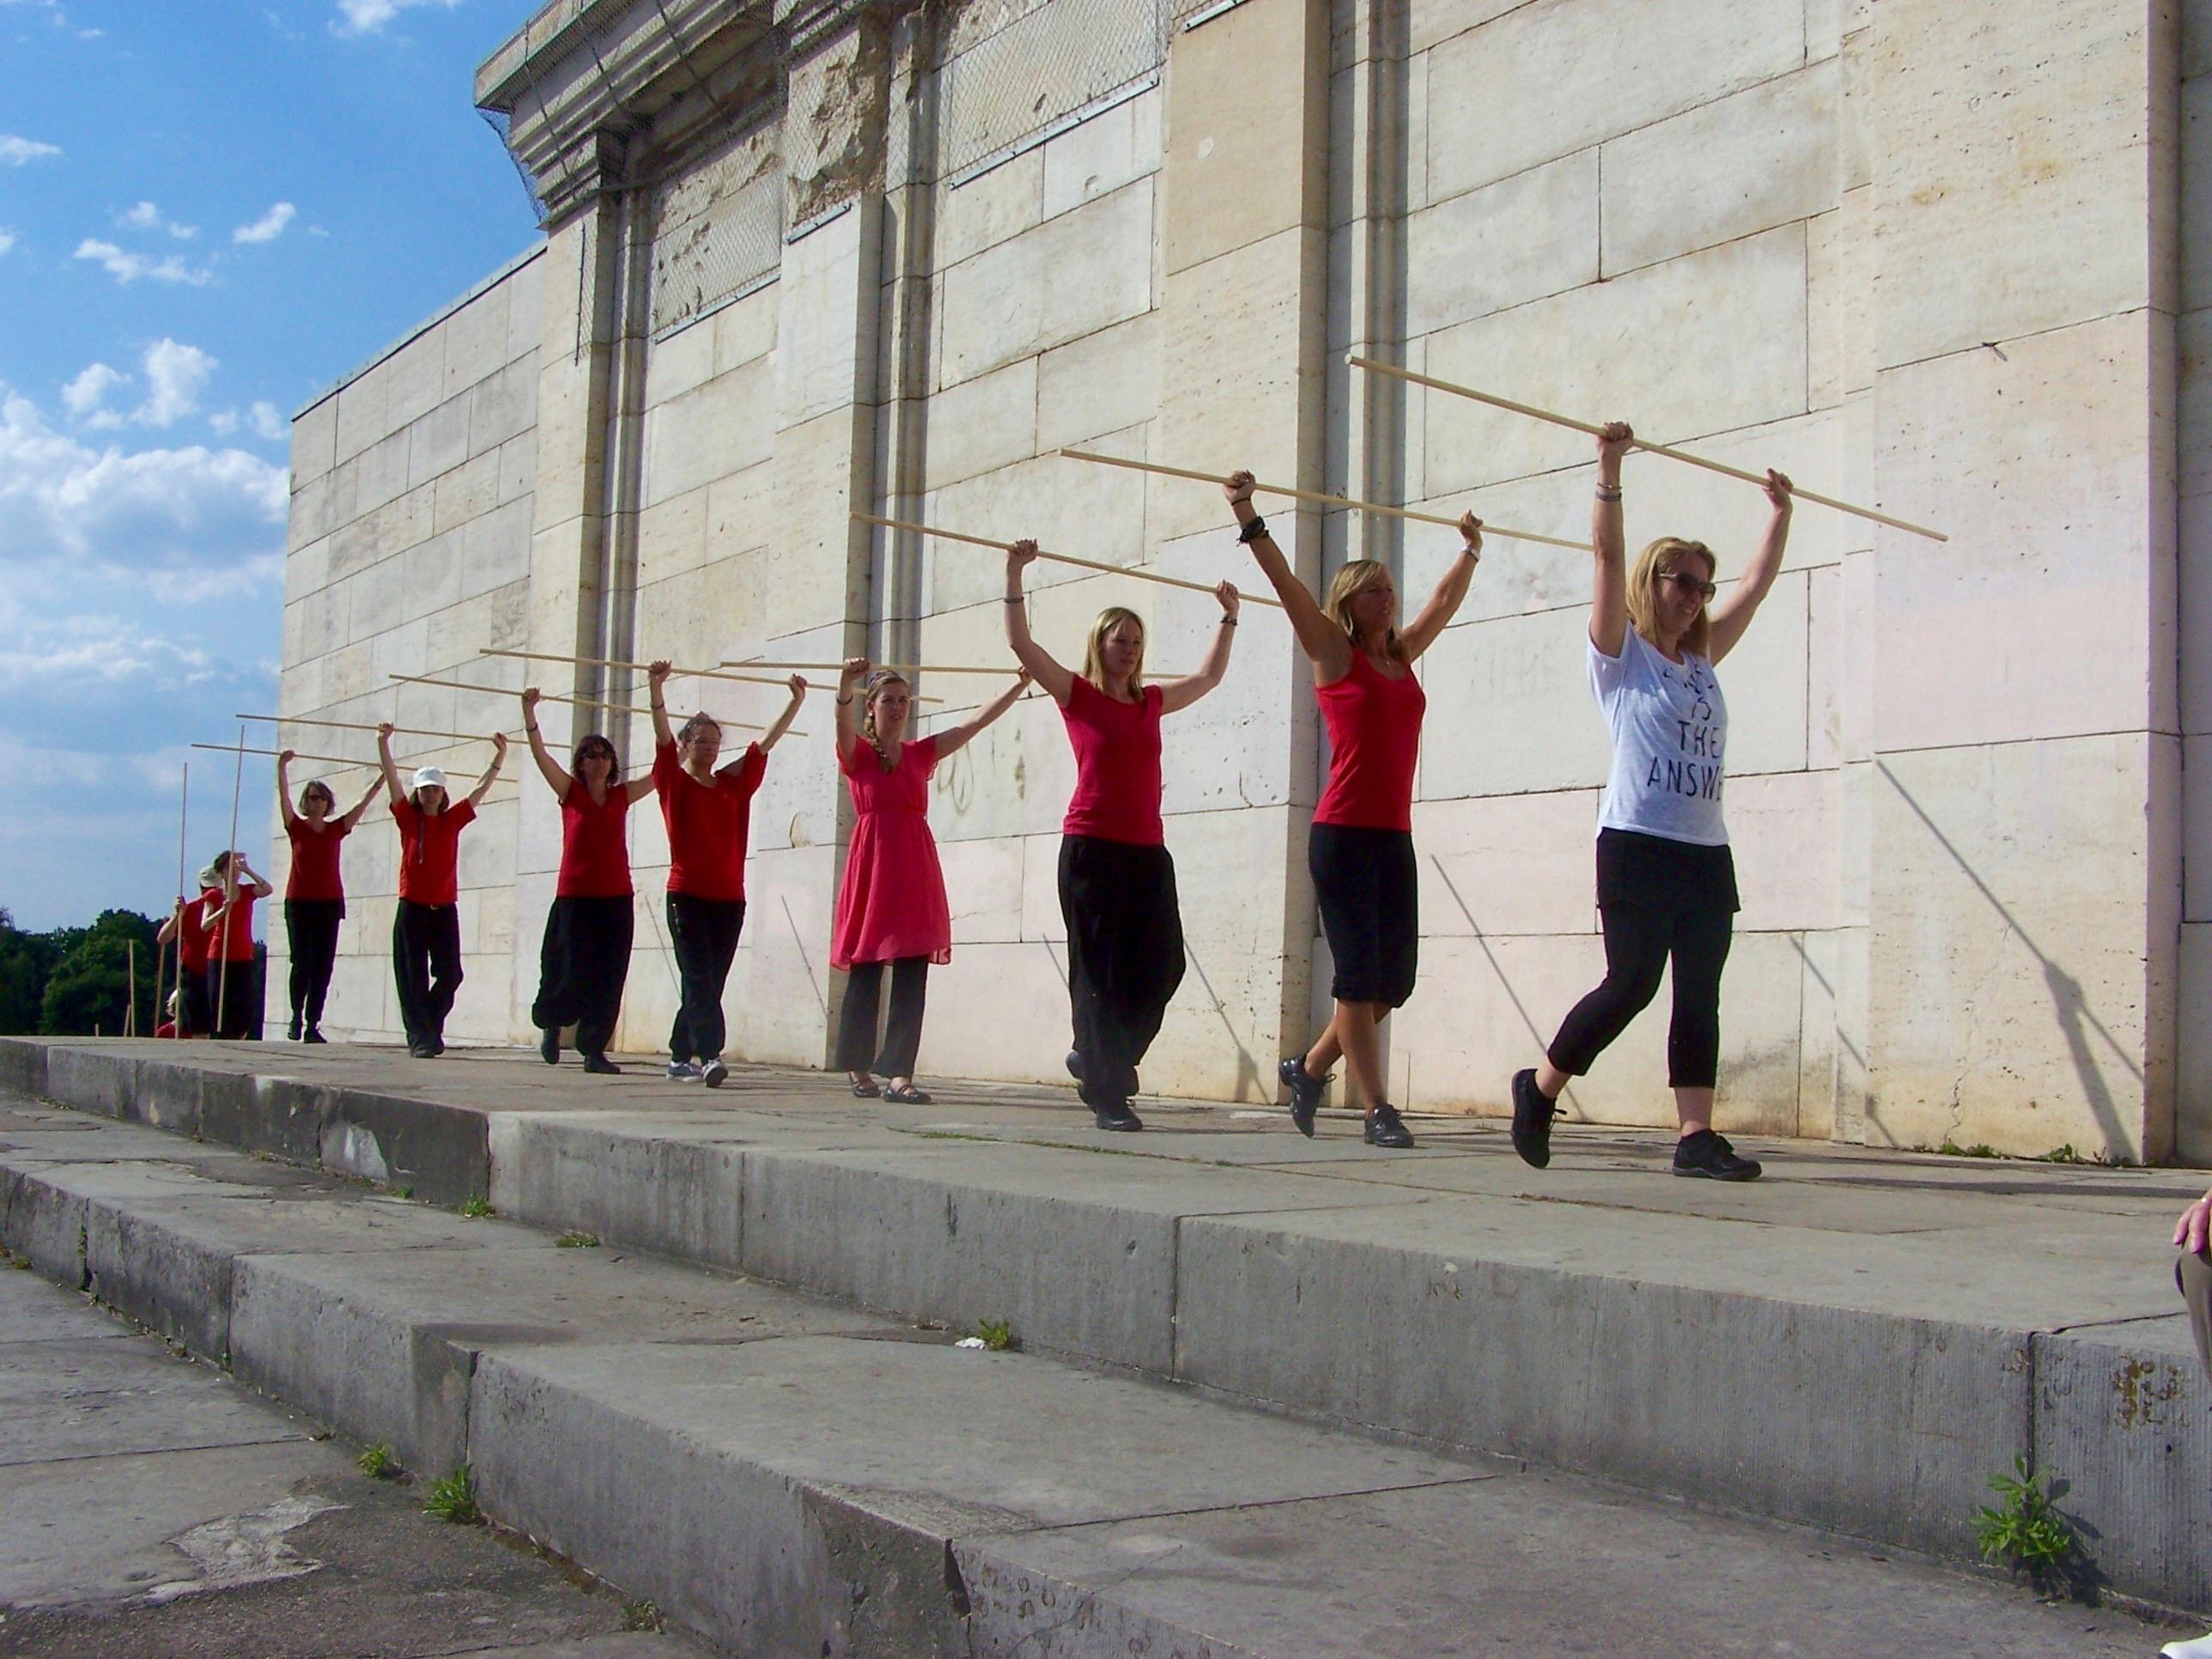 Tanz auf den Strassen Deutschlands/Fürbitte in den Toren,  Augsburg – 2./3. Juli